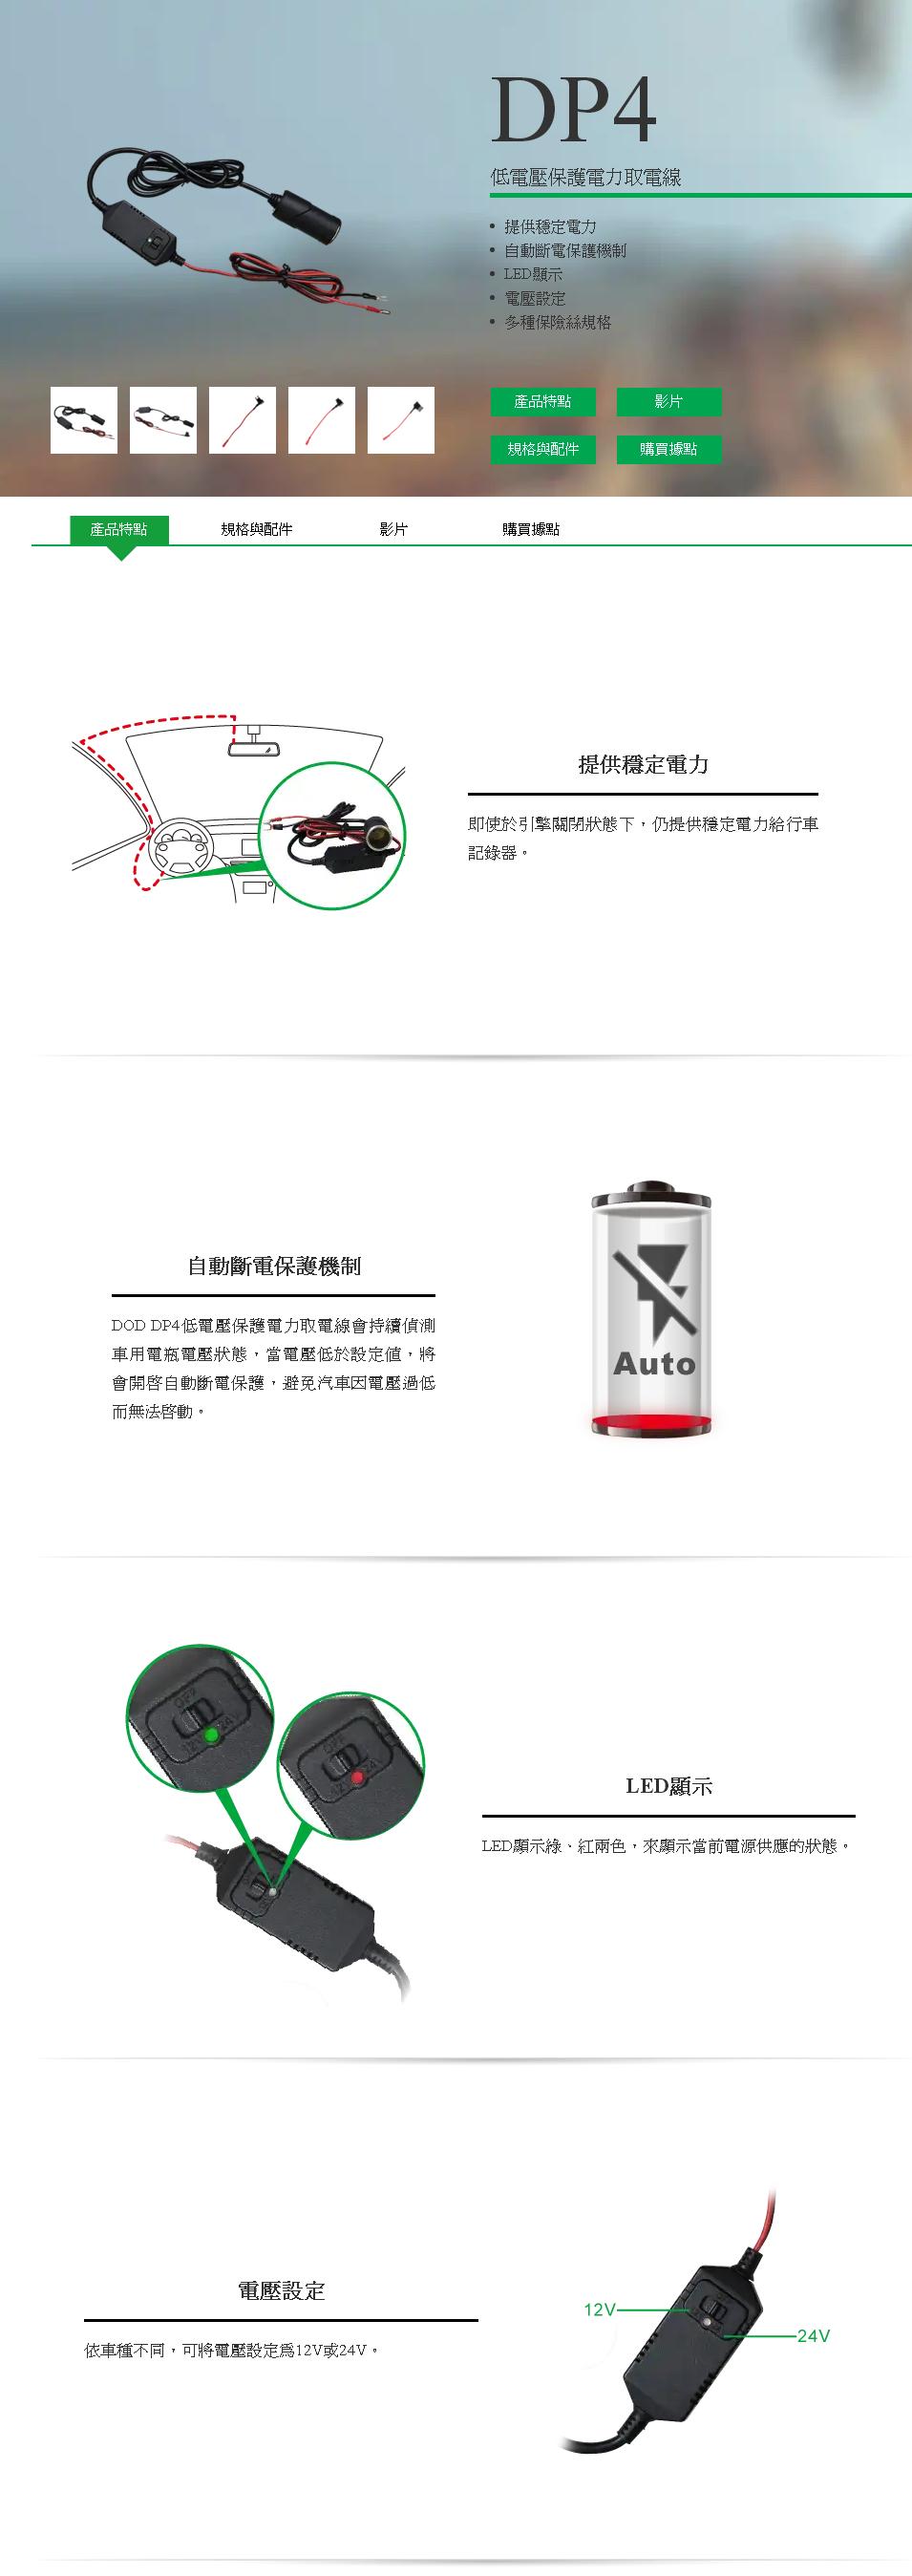 行車記錄器   產品資訊   DOD   台灣 (4)